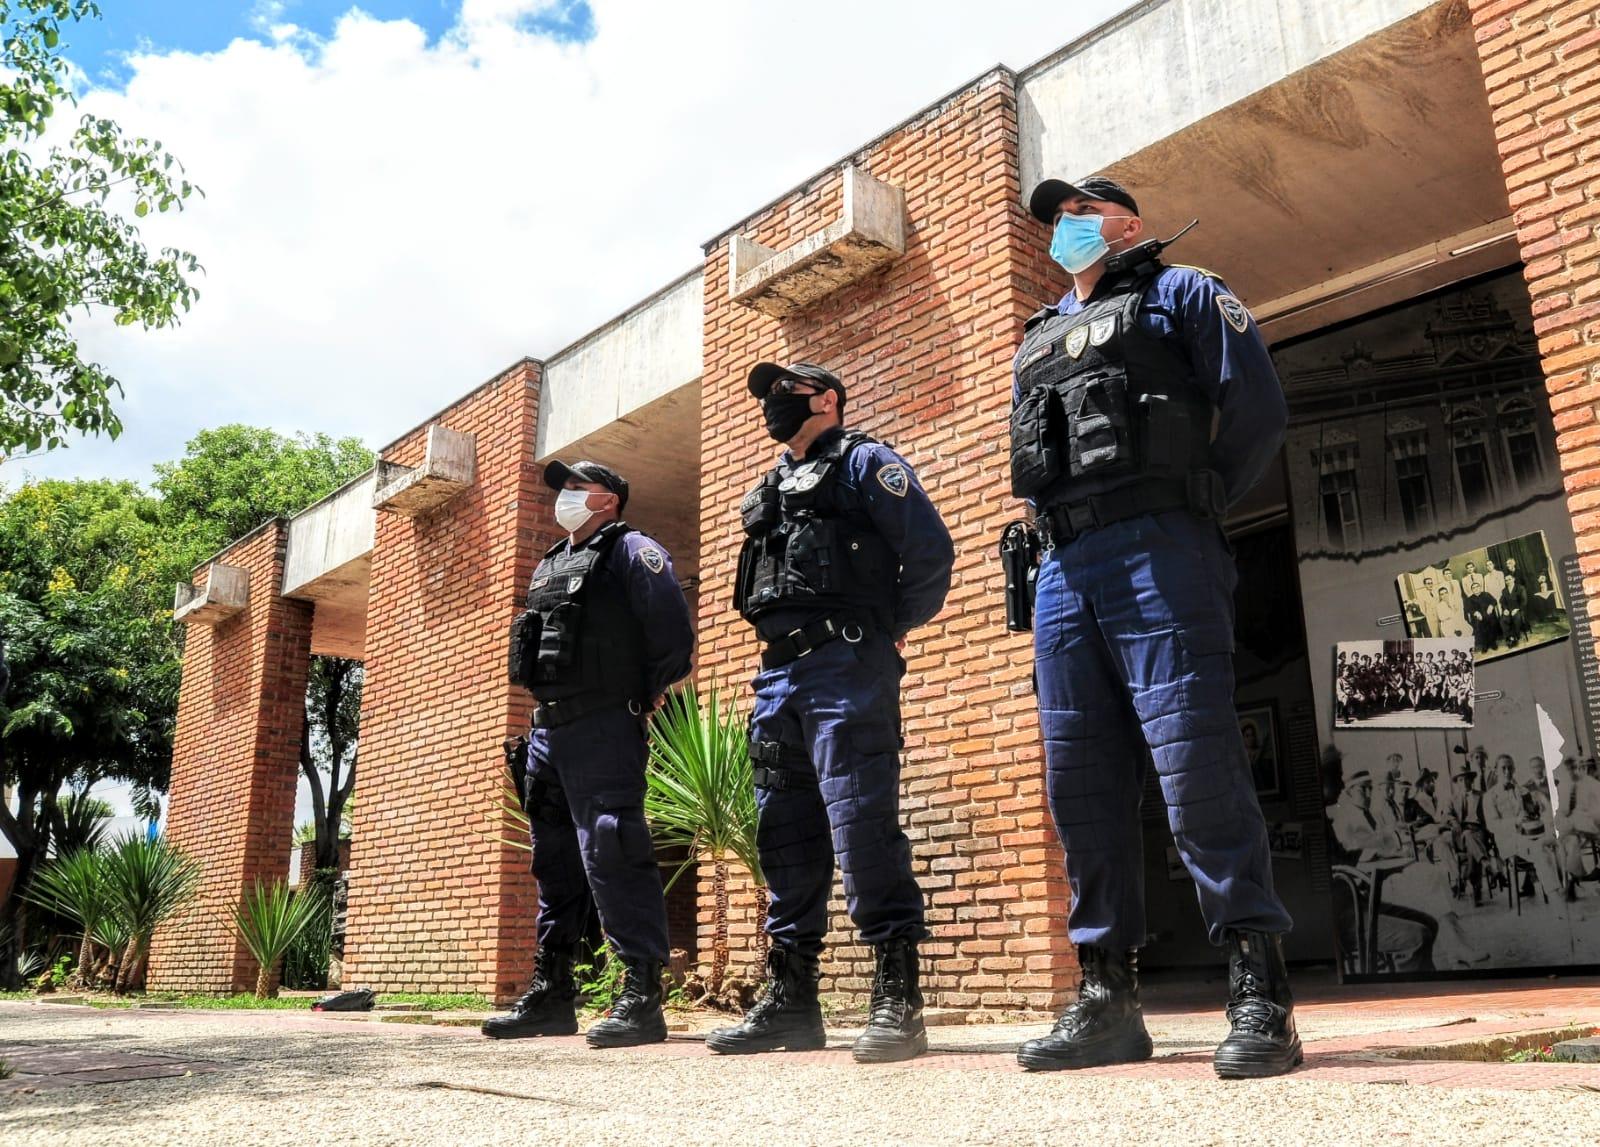 Guarda Municipal atende mais de 2 mil ocorrências em seis meses